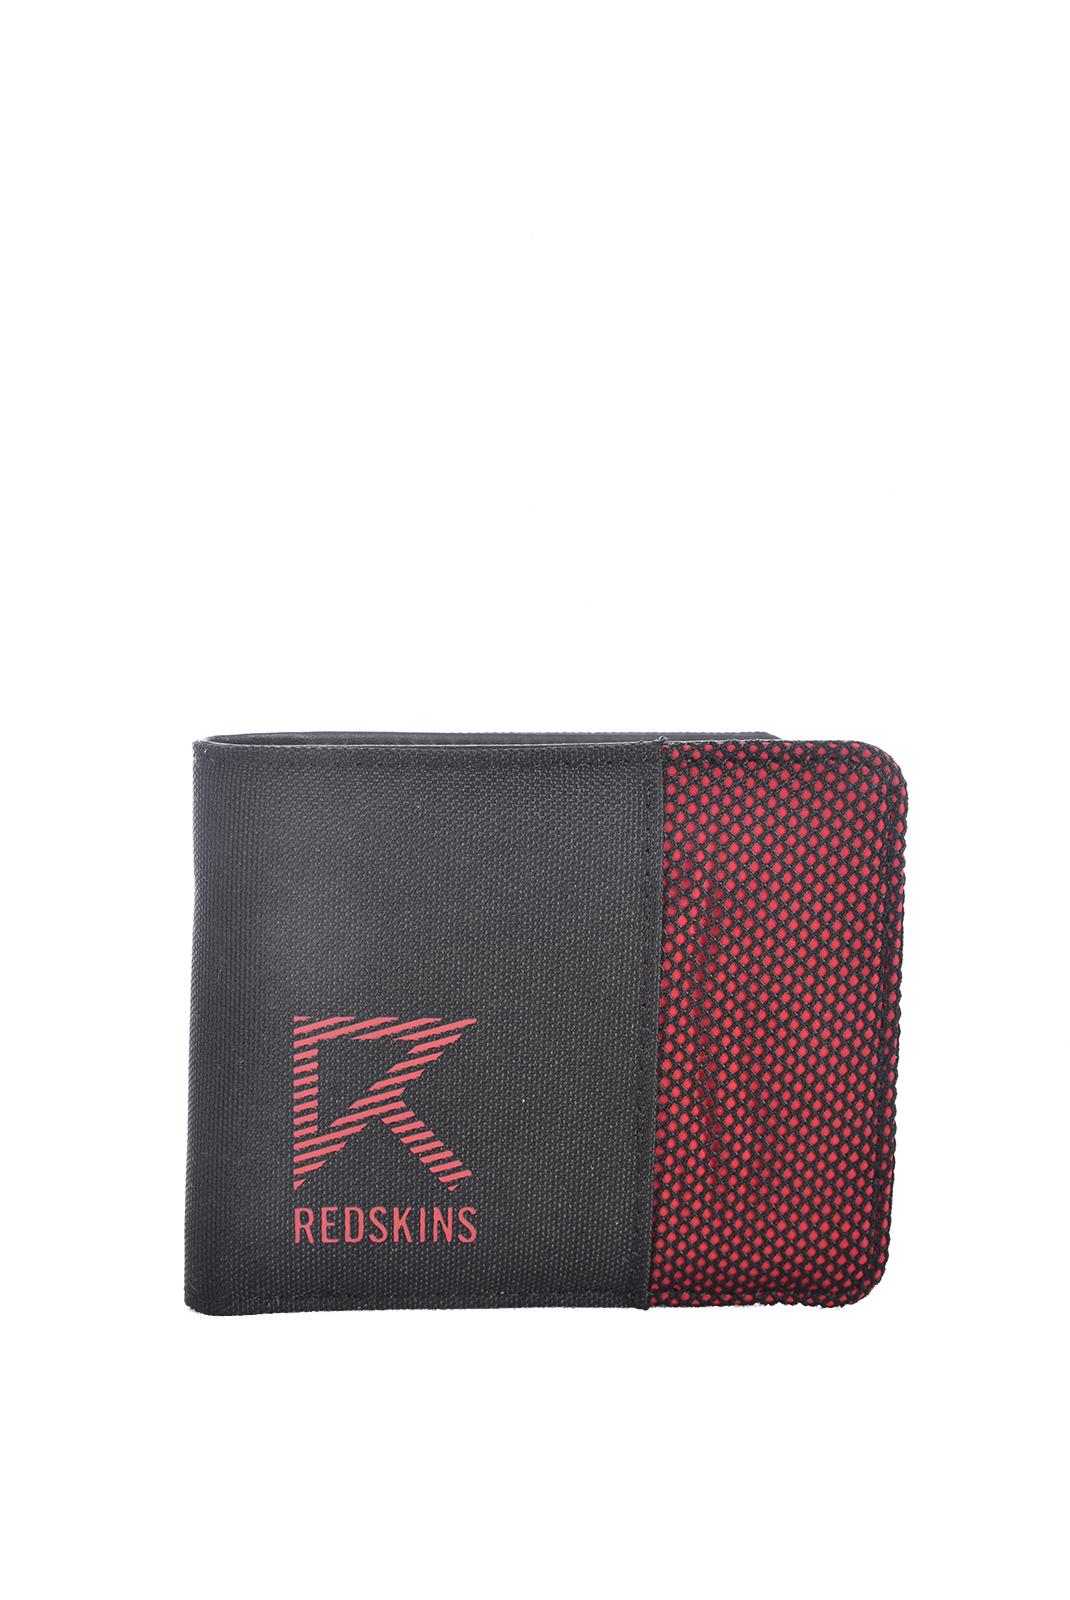 Petite maroquinerie  Redskins HAROLD NOIR/ROUGE